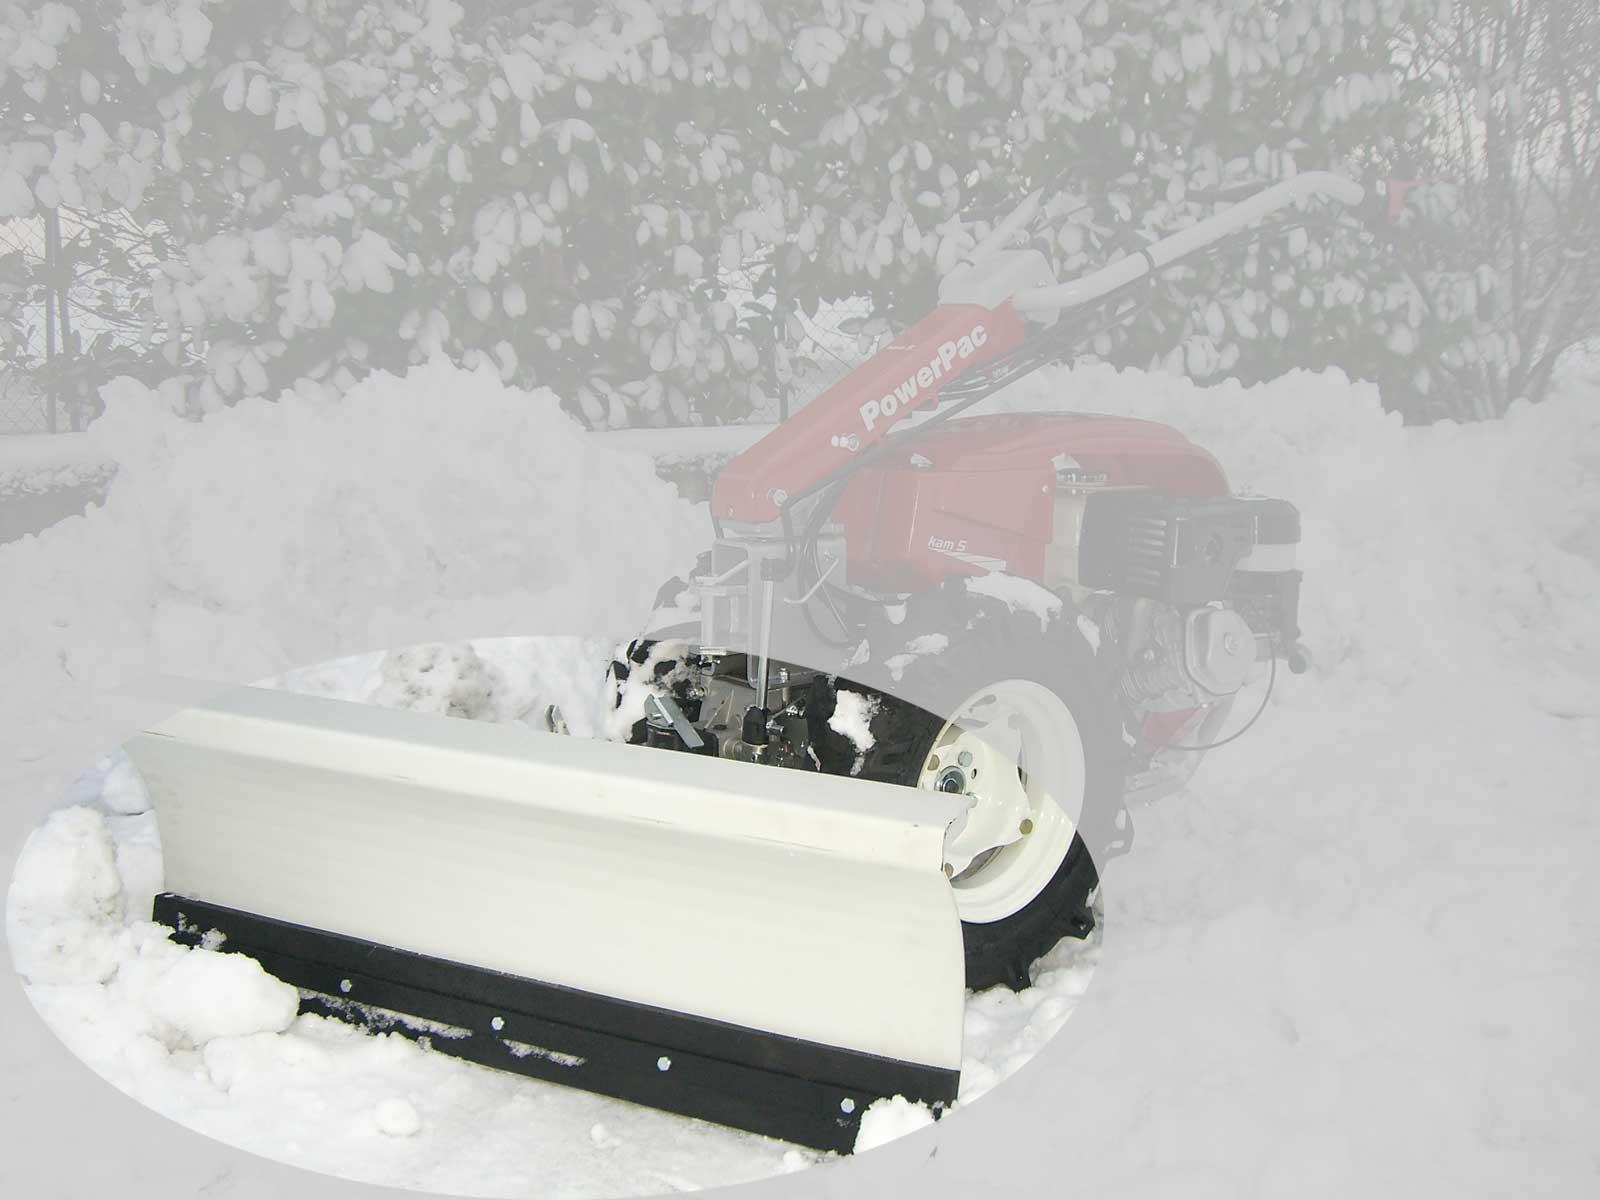 Powerpac Schneeschild für Einachser KAM5 Breite 100cm Bild 1